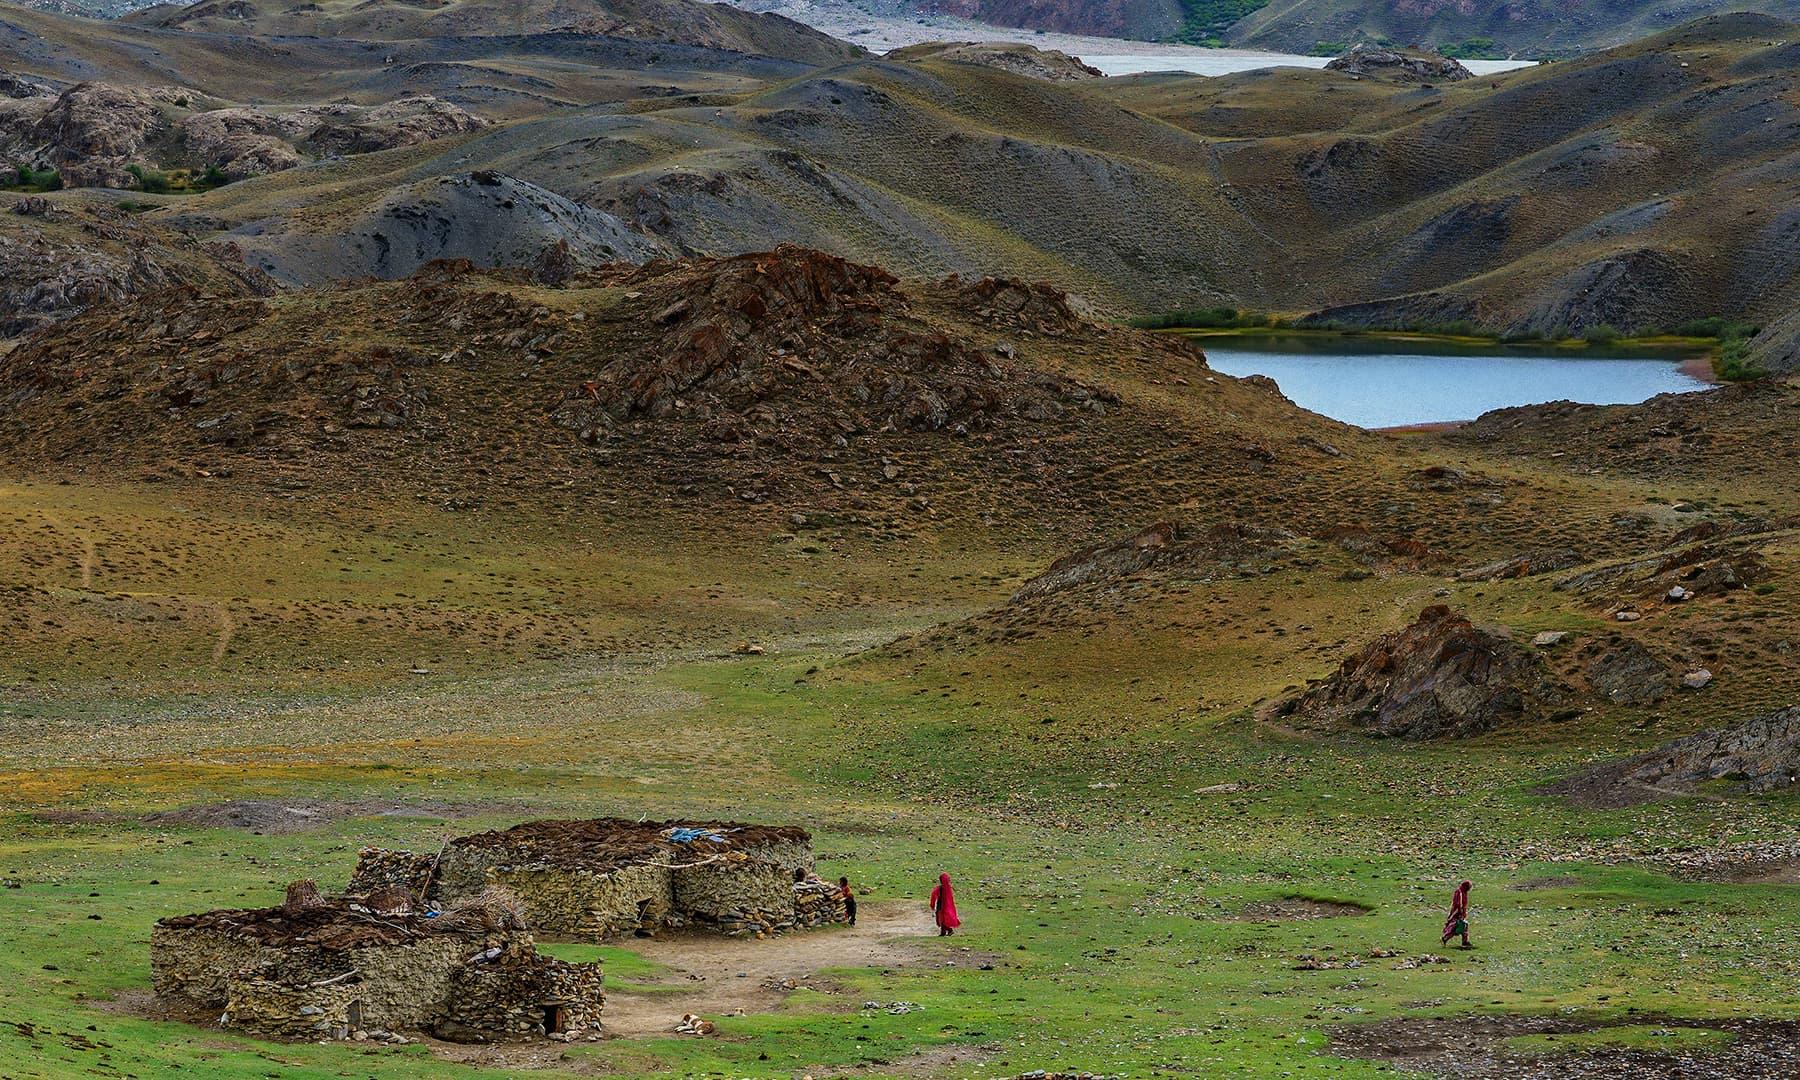 لشکر گاز اور لیلیٰ رباط کے درمیان موجود ایک اکیلا گھر—سید مہدی بخاری